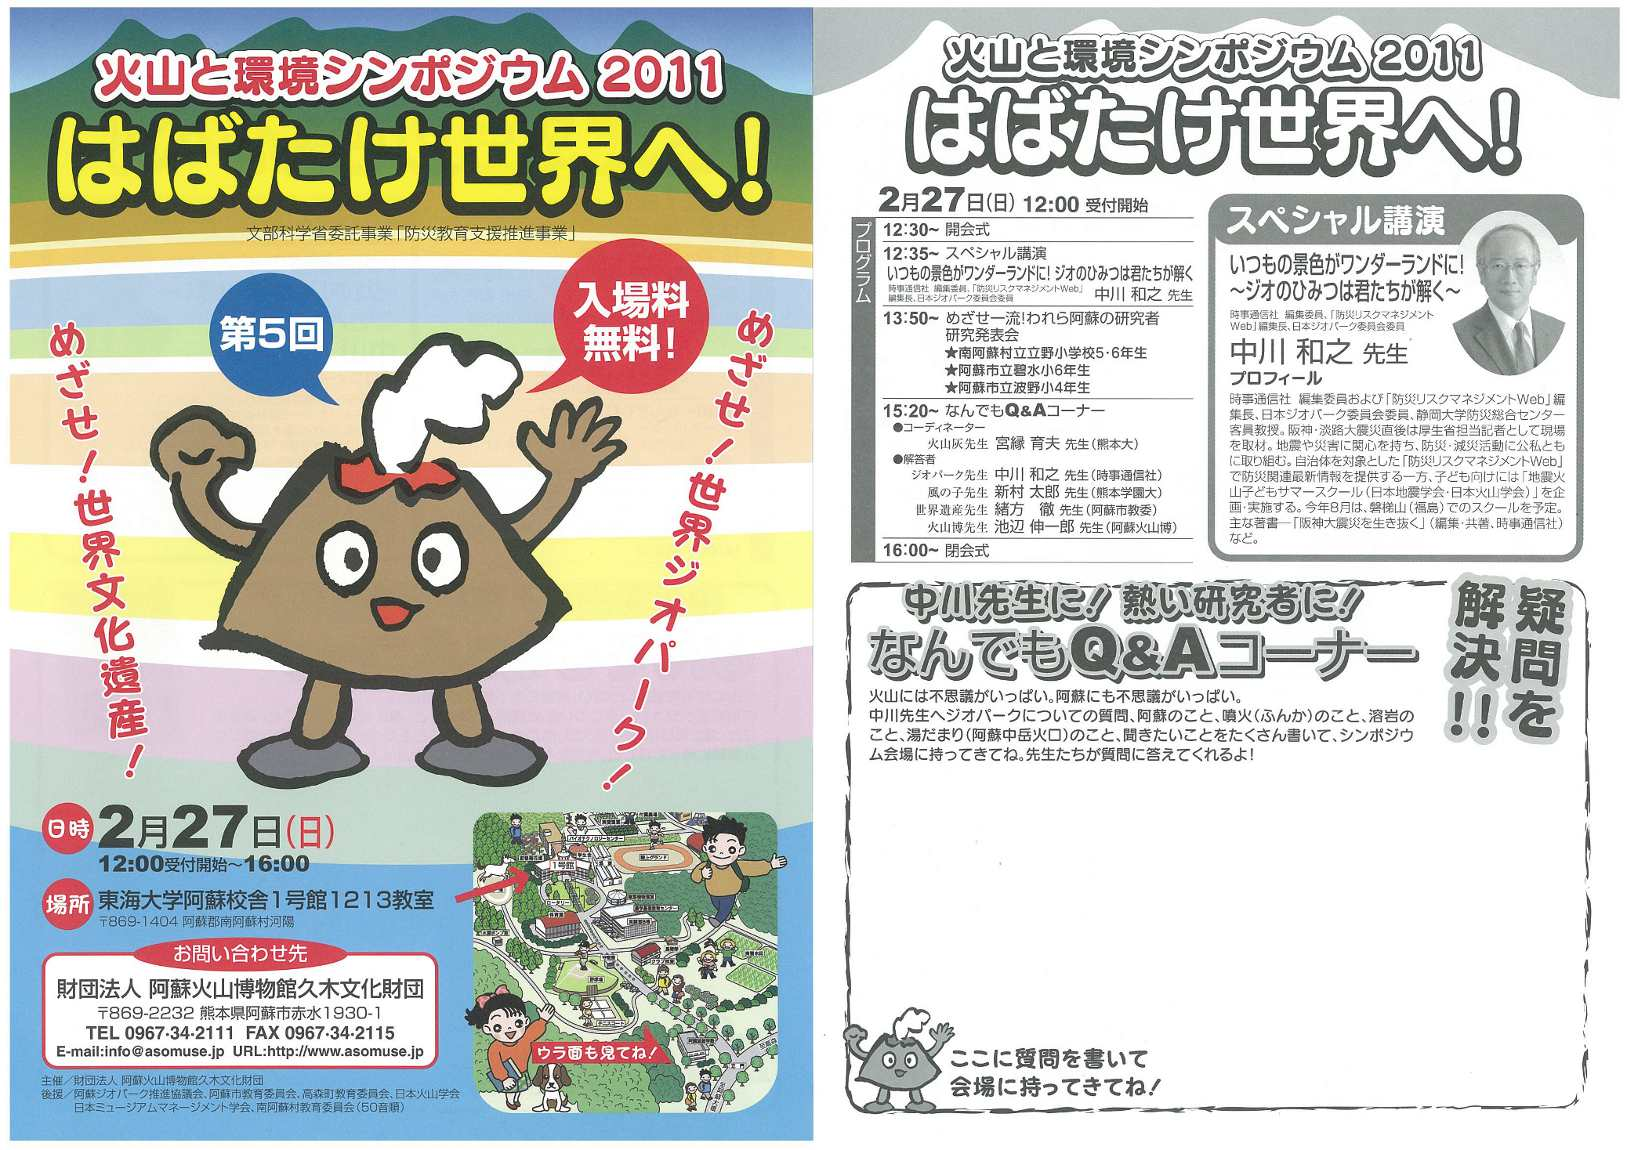 火山と環境シンポジウム 2011 はばたけ世界へ!開催します